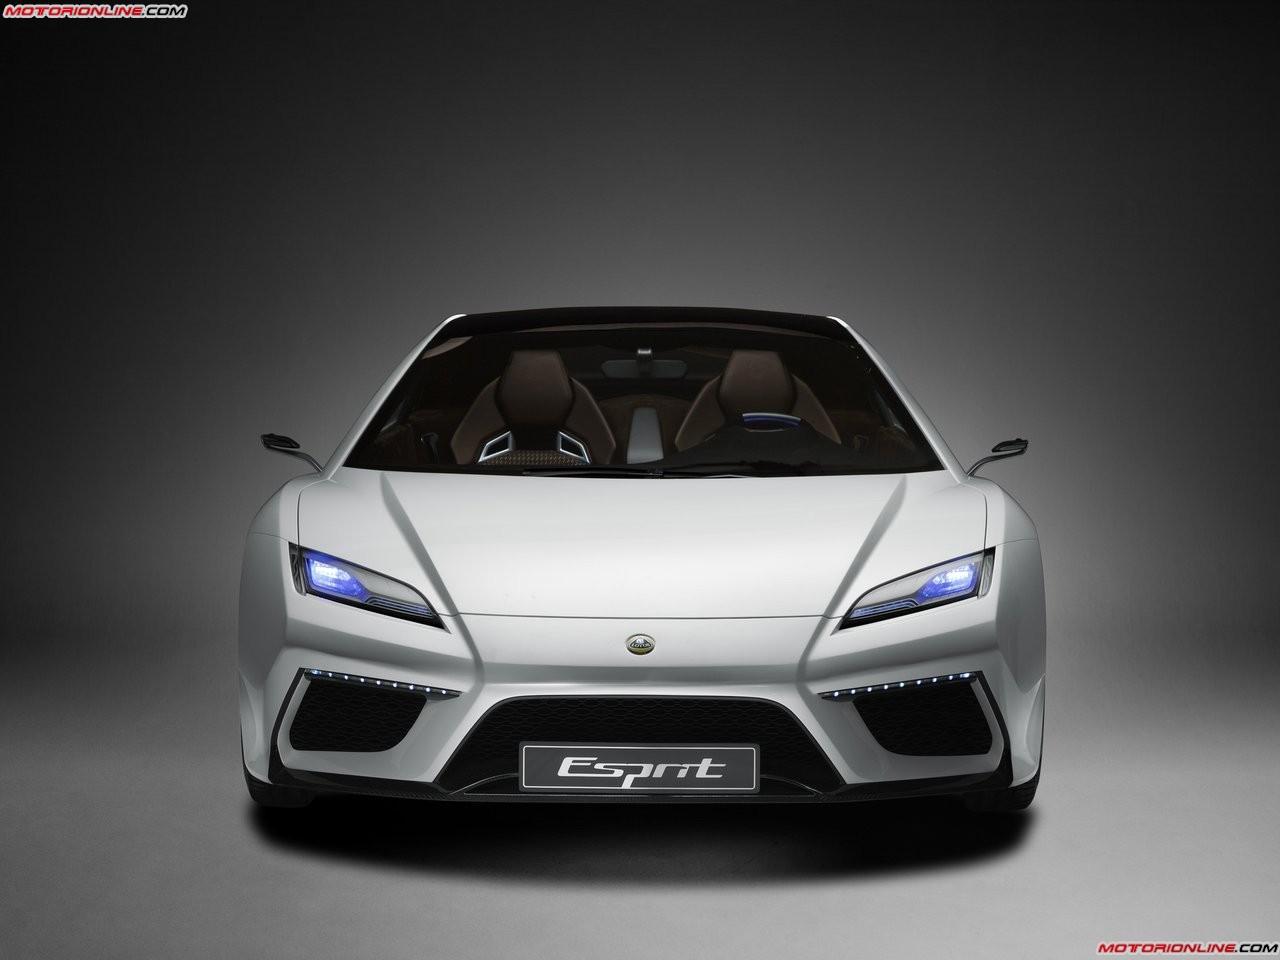 Lotus Esprit R 2014 Lotus-esprit_concept_2010_012